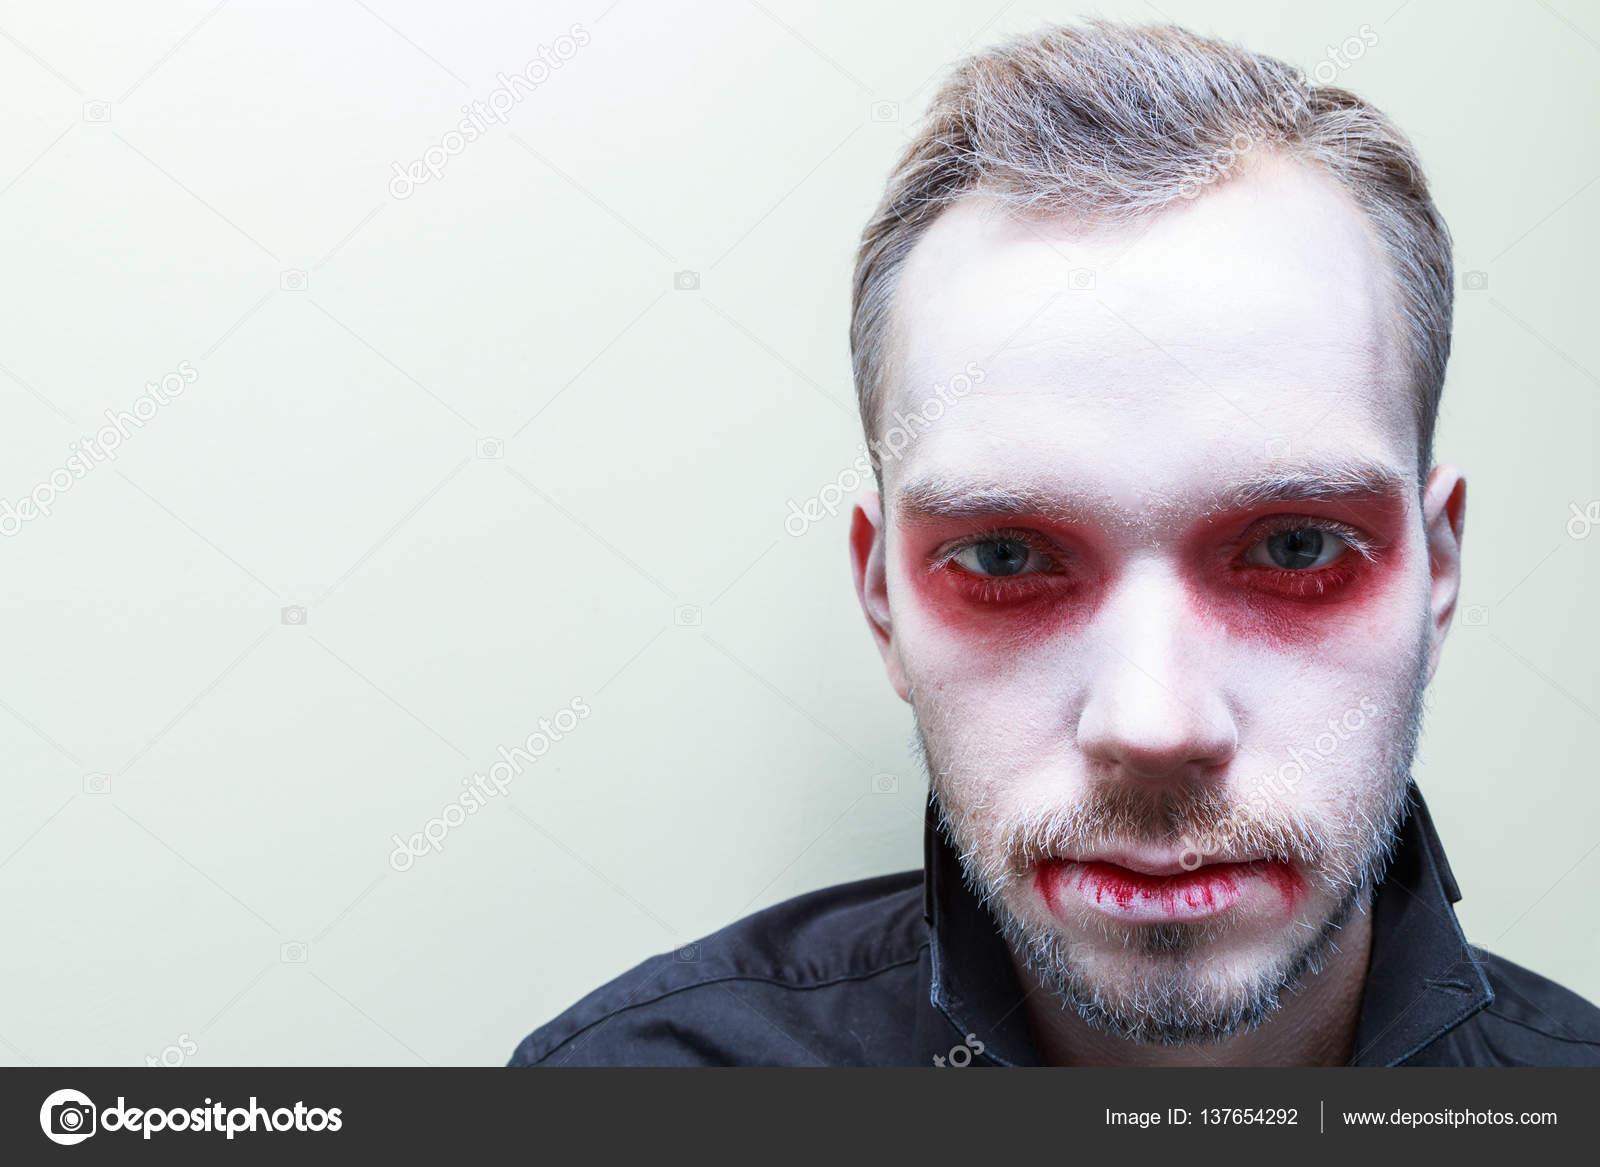 Trucco Halloween Vampiro Uomo.Vettore Trucco Di Vampiro Maschio Trucco Vampiro Uomo Foto